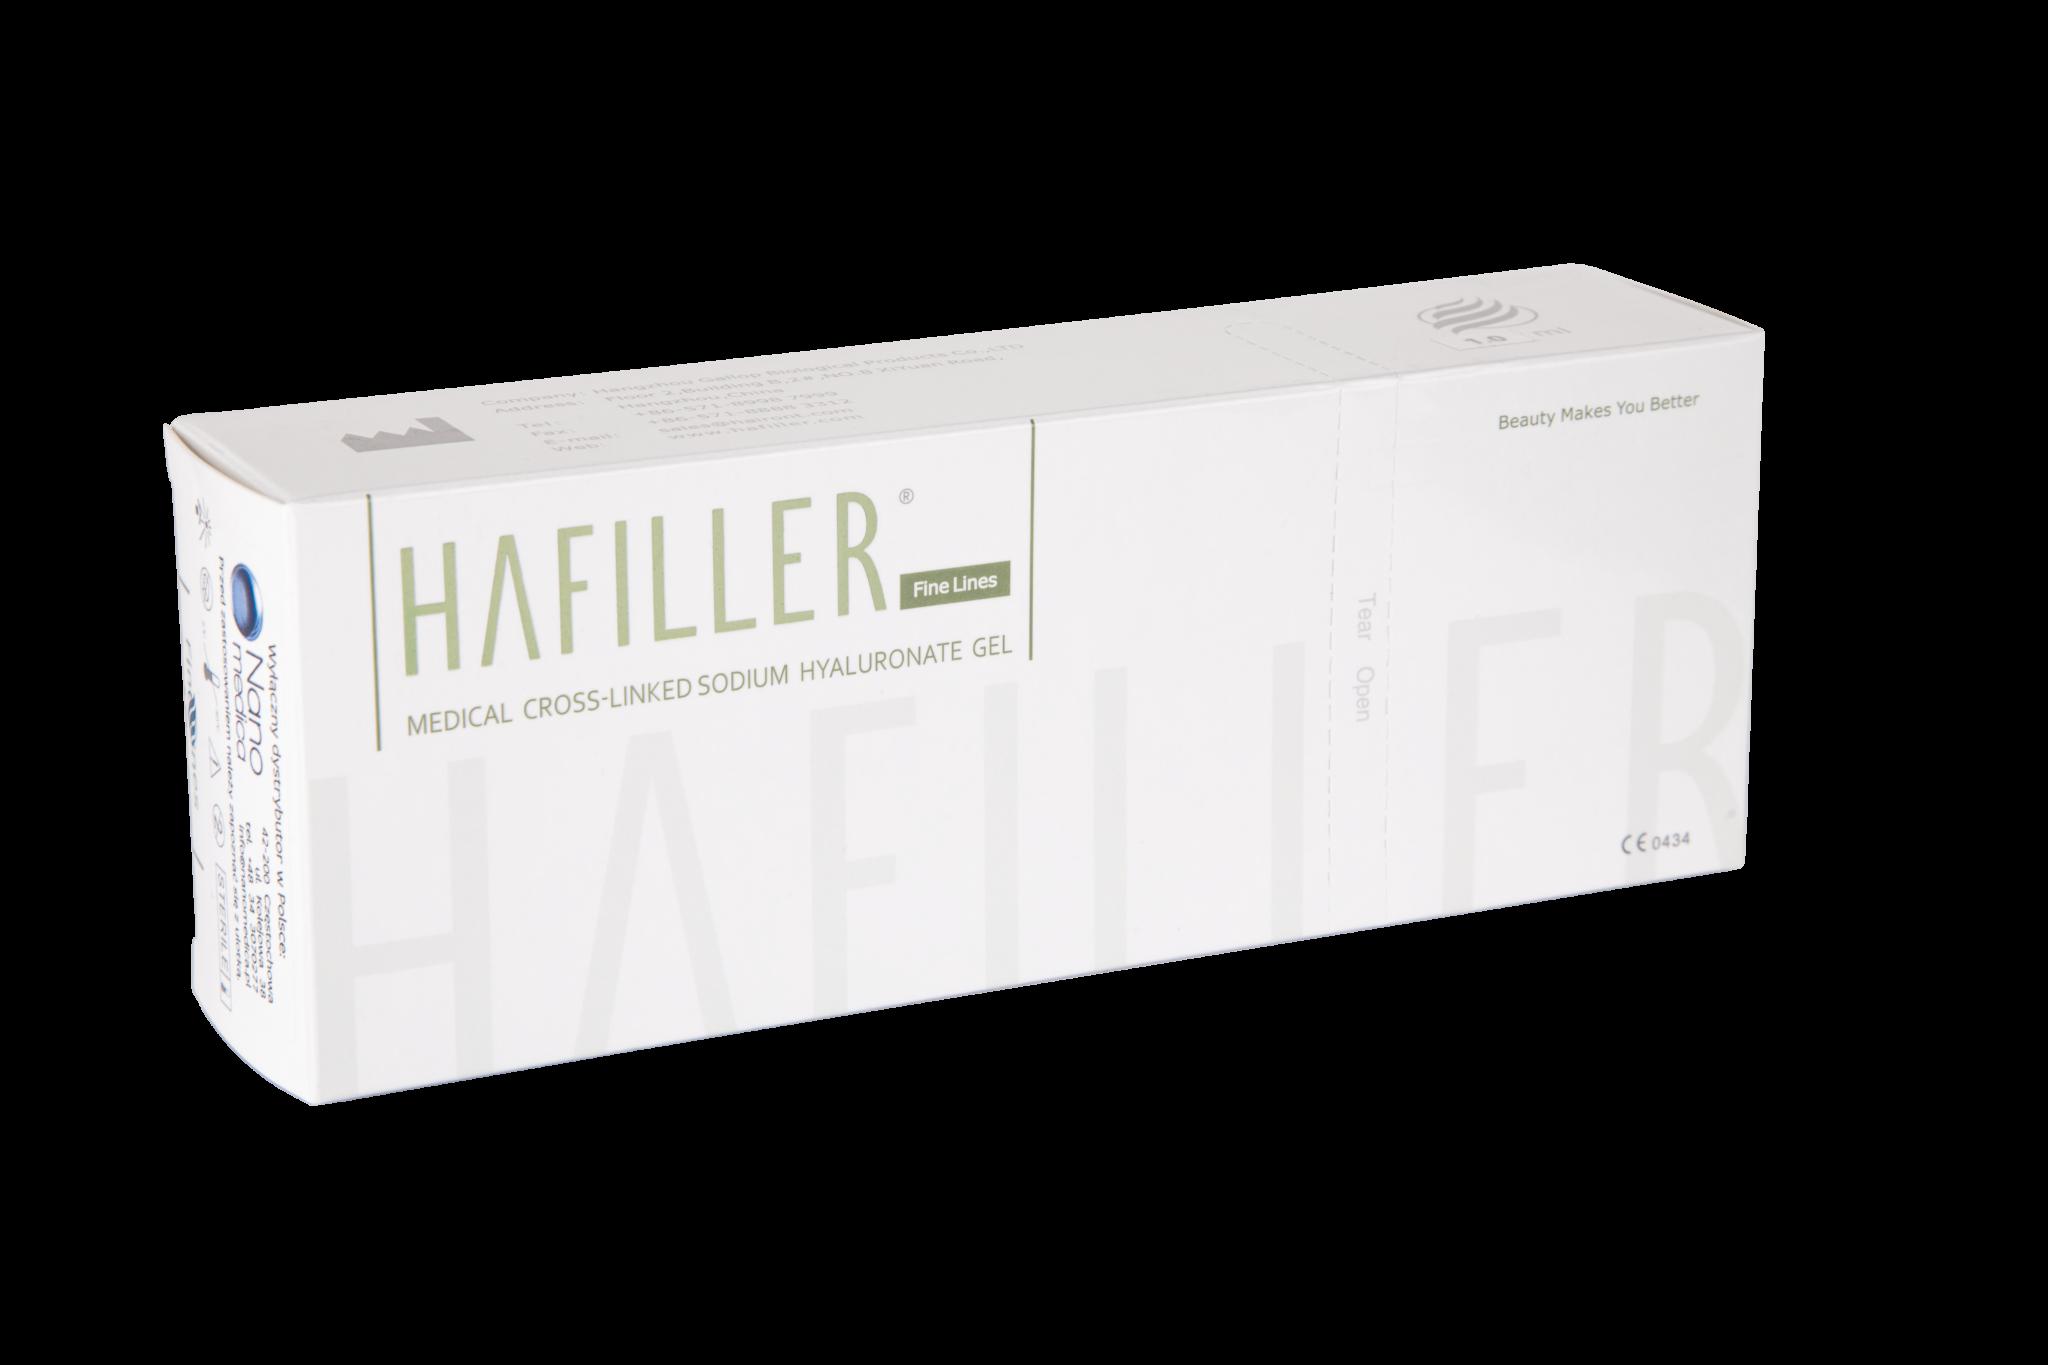 HAFILLER® FINE LINES